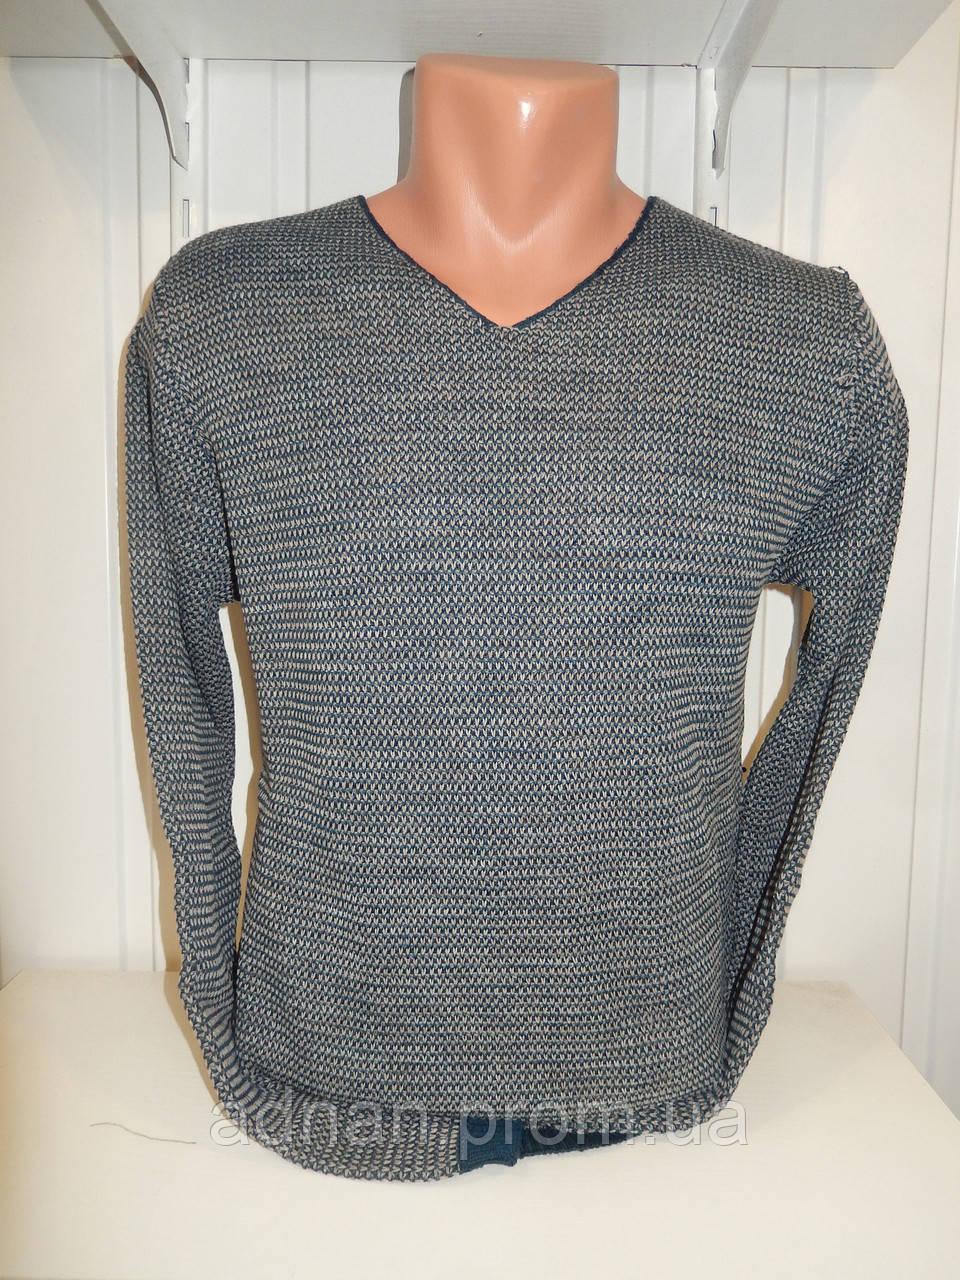 Свитер мужской DULGER, узор на фото 003/ купиь свитер мужской оптом